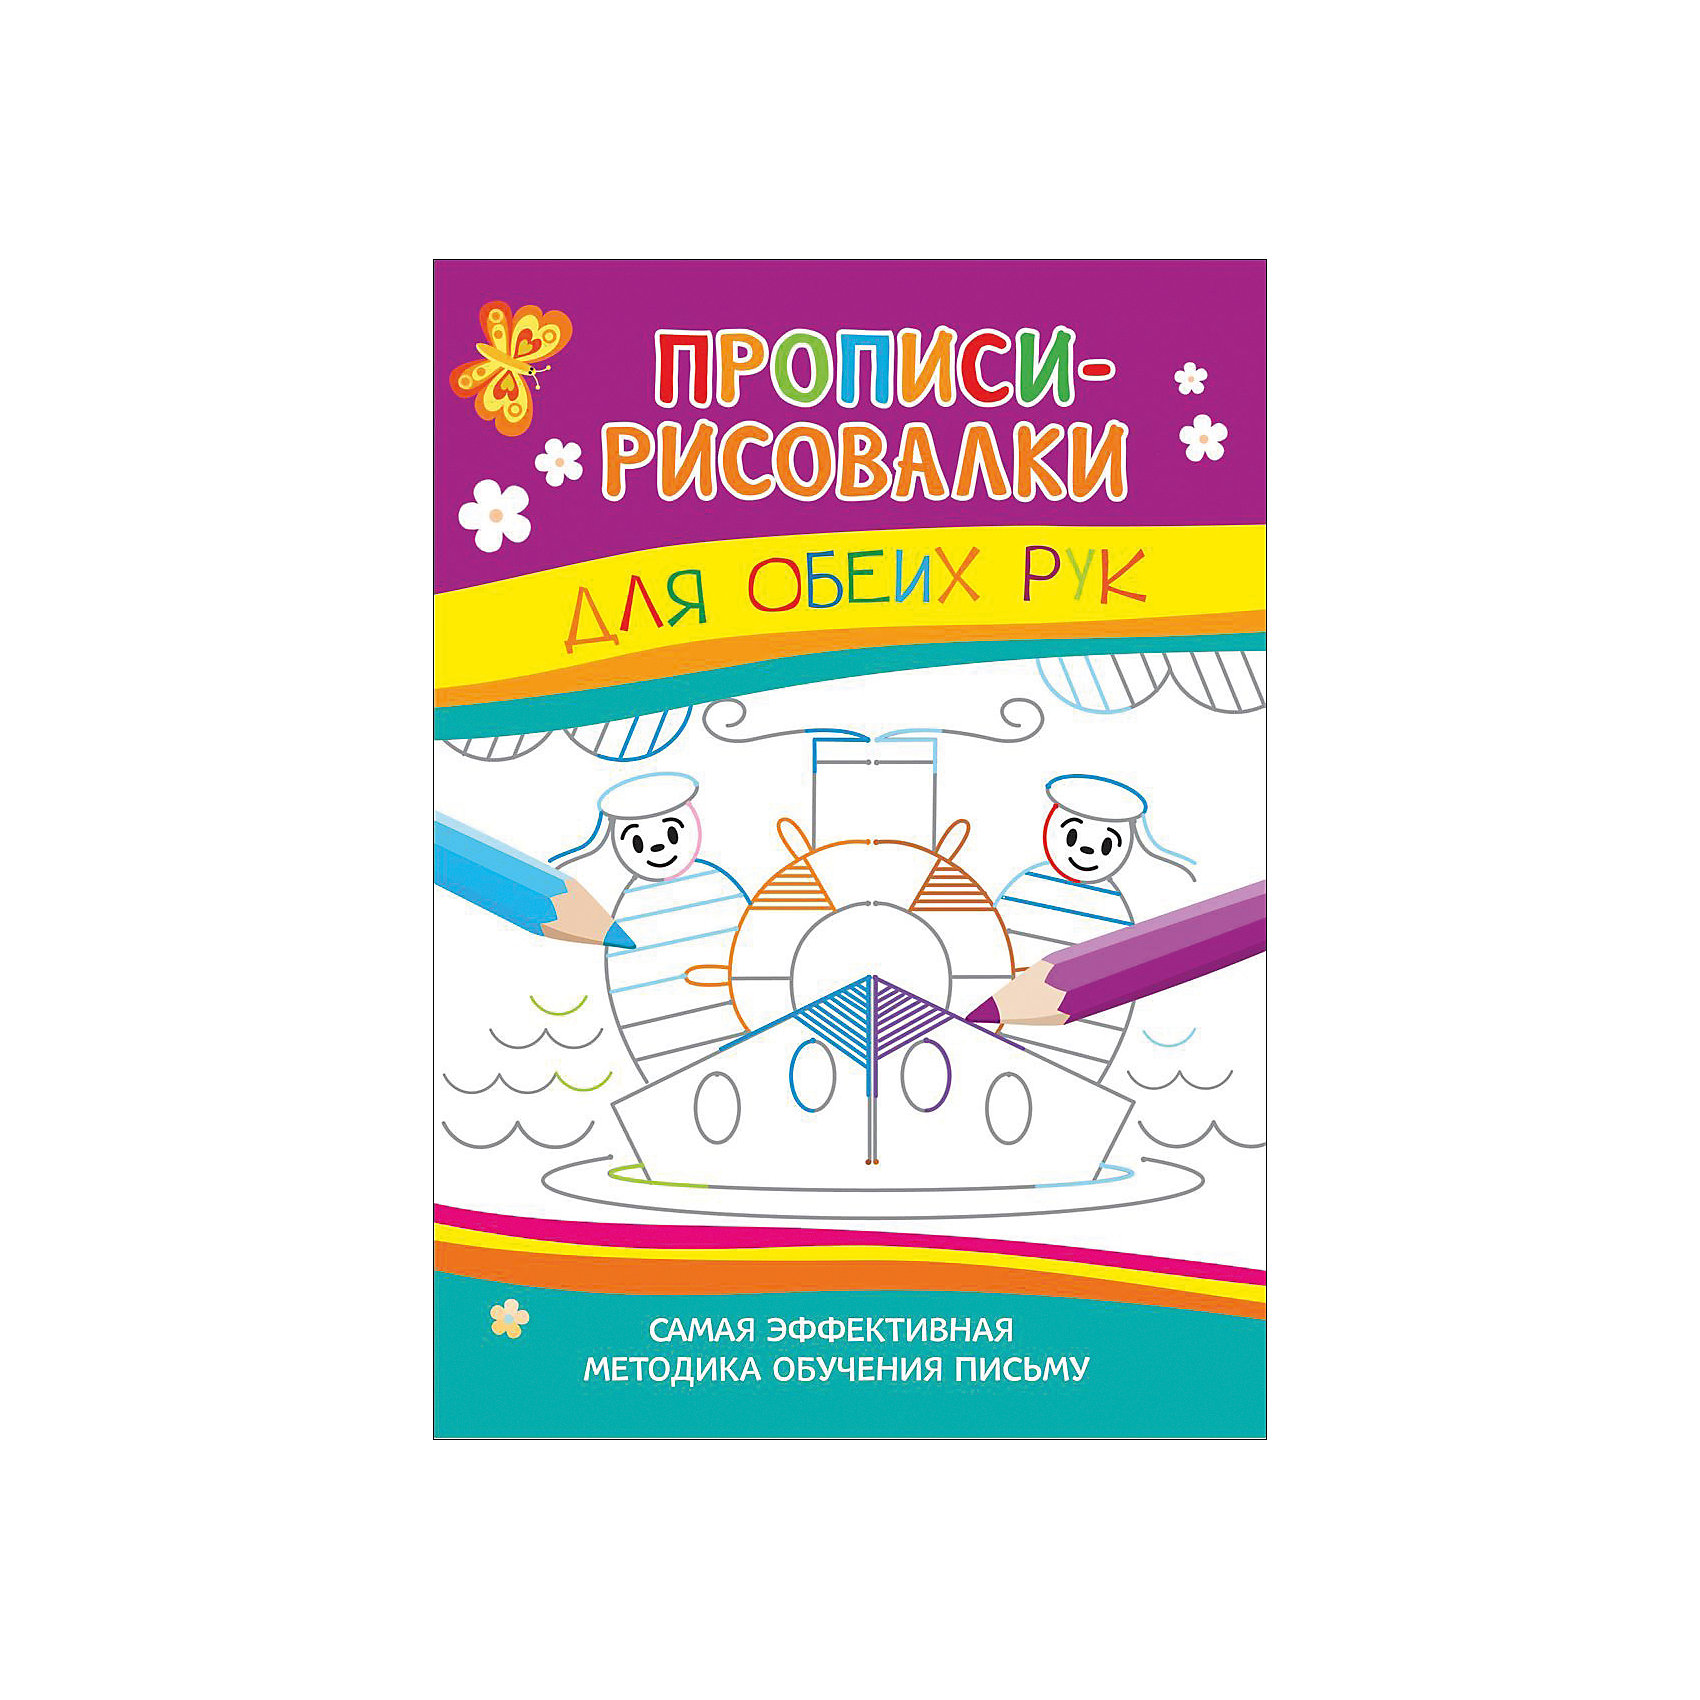 Прописи-рисовалки Моряки, для обеих рукОбучающие книги<br>Характеристики товара:<br><br>- цвет: разноцветный;<br>- материал: бумага;<br>- страниц: 16;<br>- формат: 28 х 20 см;<br>- обложка: мягкая;<br>- развивающее издание.<br><br>Это интересное развивающее издание станет отличным подарком для родителей и ребенка. Оно содержит в себе задания в игровой форме, с помощью которых учиться писать гораздо проще. Всё представлено в очень простой форме! Это издание поможет привить любовь к учебе!<br>Такое обучение помогает ребенку развивать зрительную память, концентрацию внимания и воображение. Издание произведено из качественных материалов, которые безопасны даже для самых маленьких.<br><br>Издание Прописи-рисовалки Моряки, для обеих рук от компании Росмэн можно купить в нашем интернет-магазине.<br><br>Ширина мм: 280<br>Глубина мм: 195<br>Высота мм: 3<br>Вес г: 80<br>Возраст от месяцев: 0<br>Возраст до месяцев: 36<br>Пол: Унисекс<br>Возраст: Детский<br>SKU: 5110019